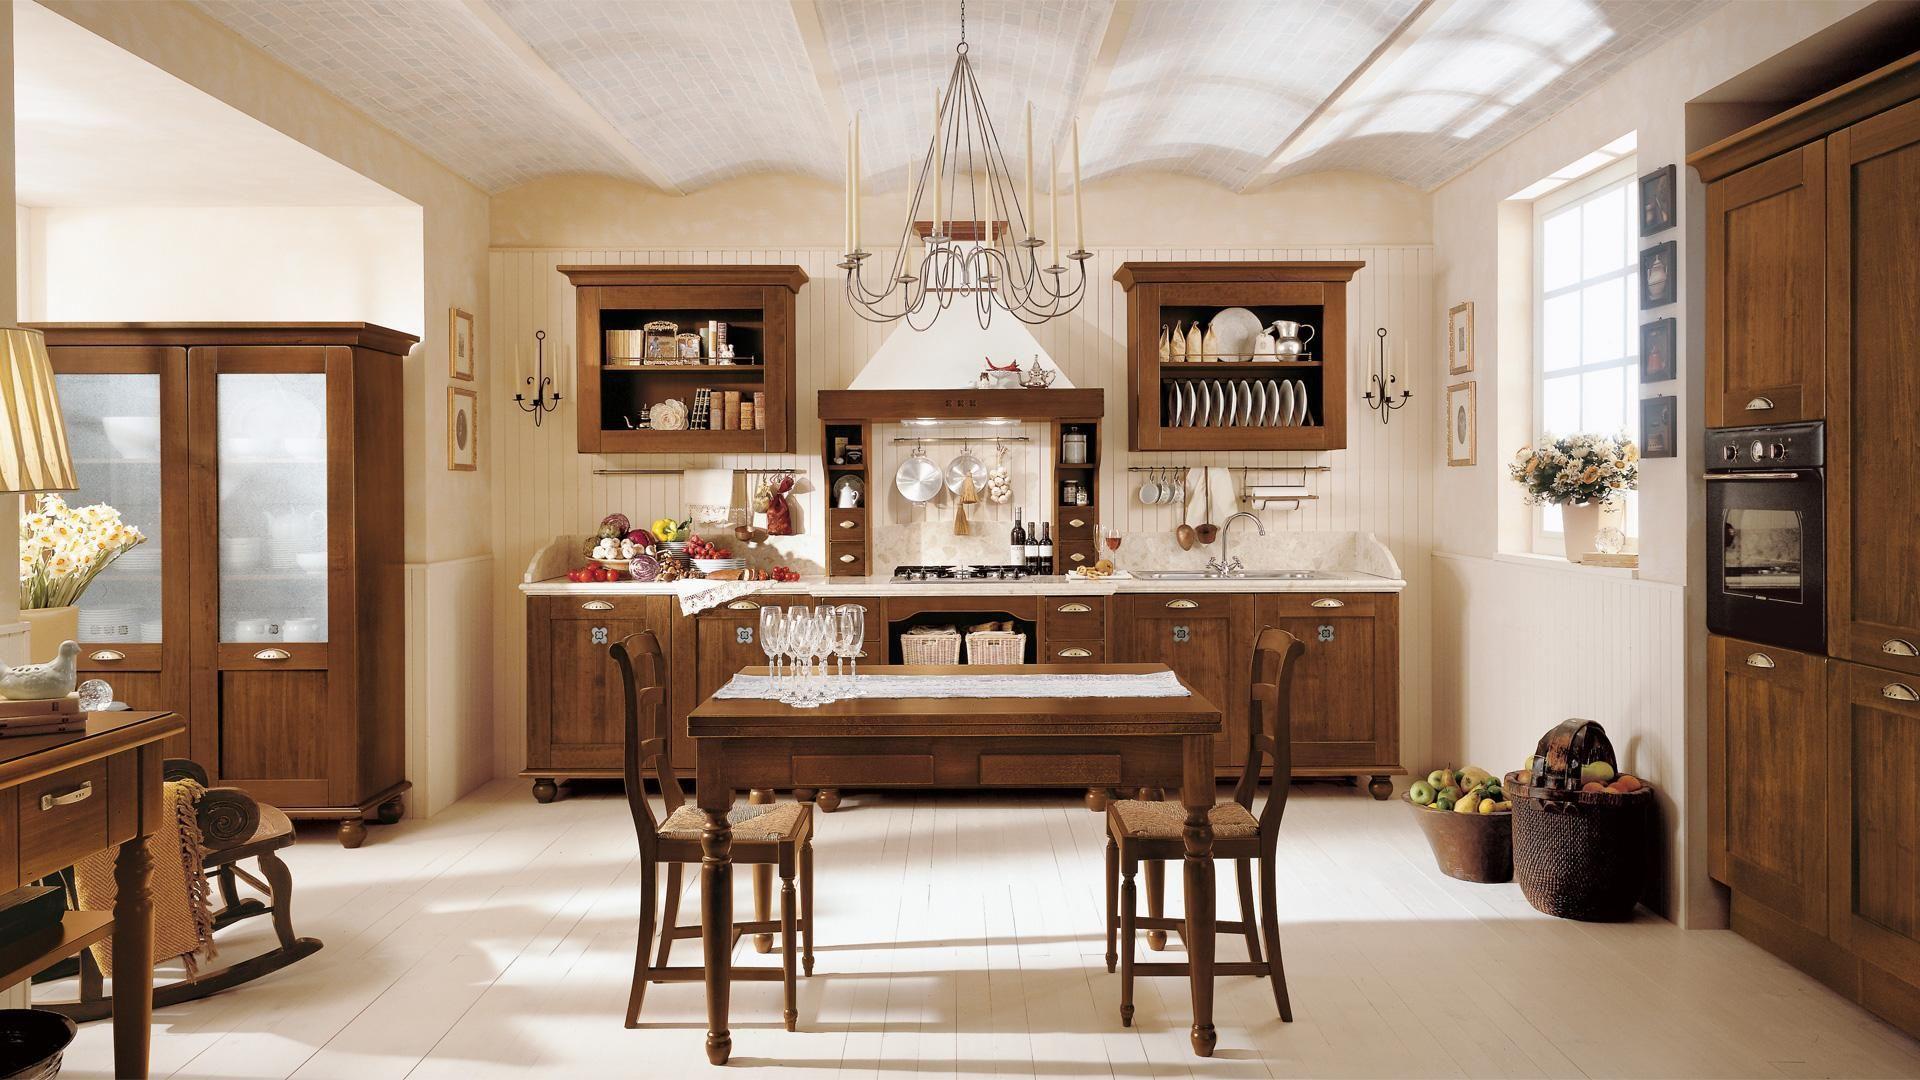 Cucine Rustiche Moderne. | INTERIOR DESIGN _ KITCHEN | Pinterest ...